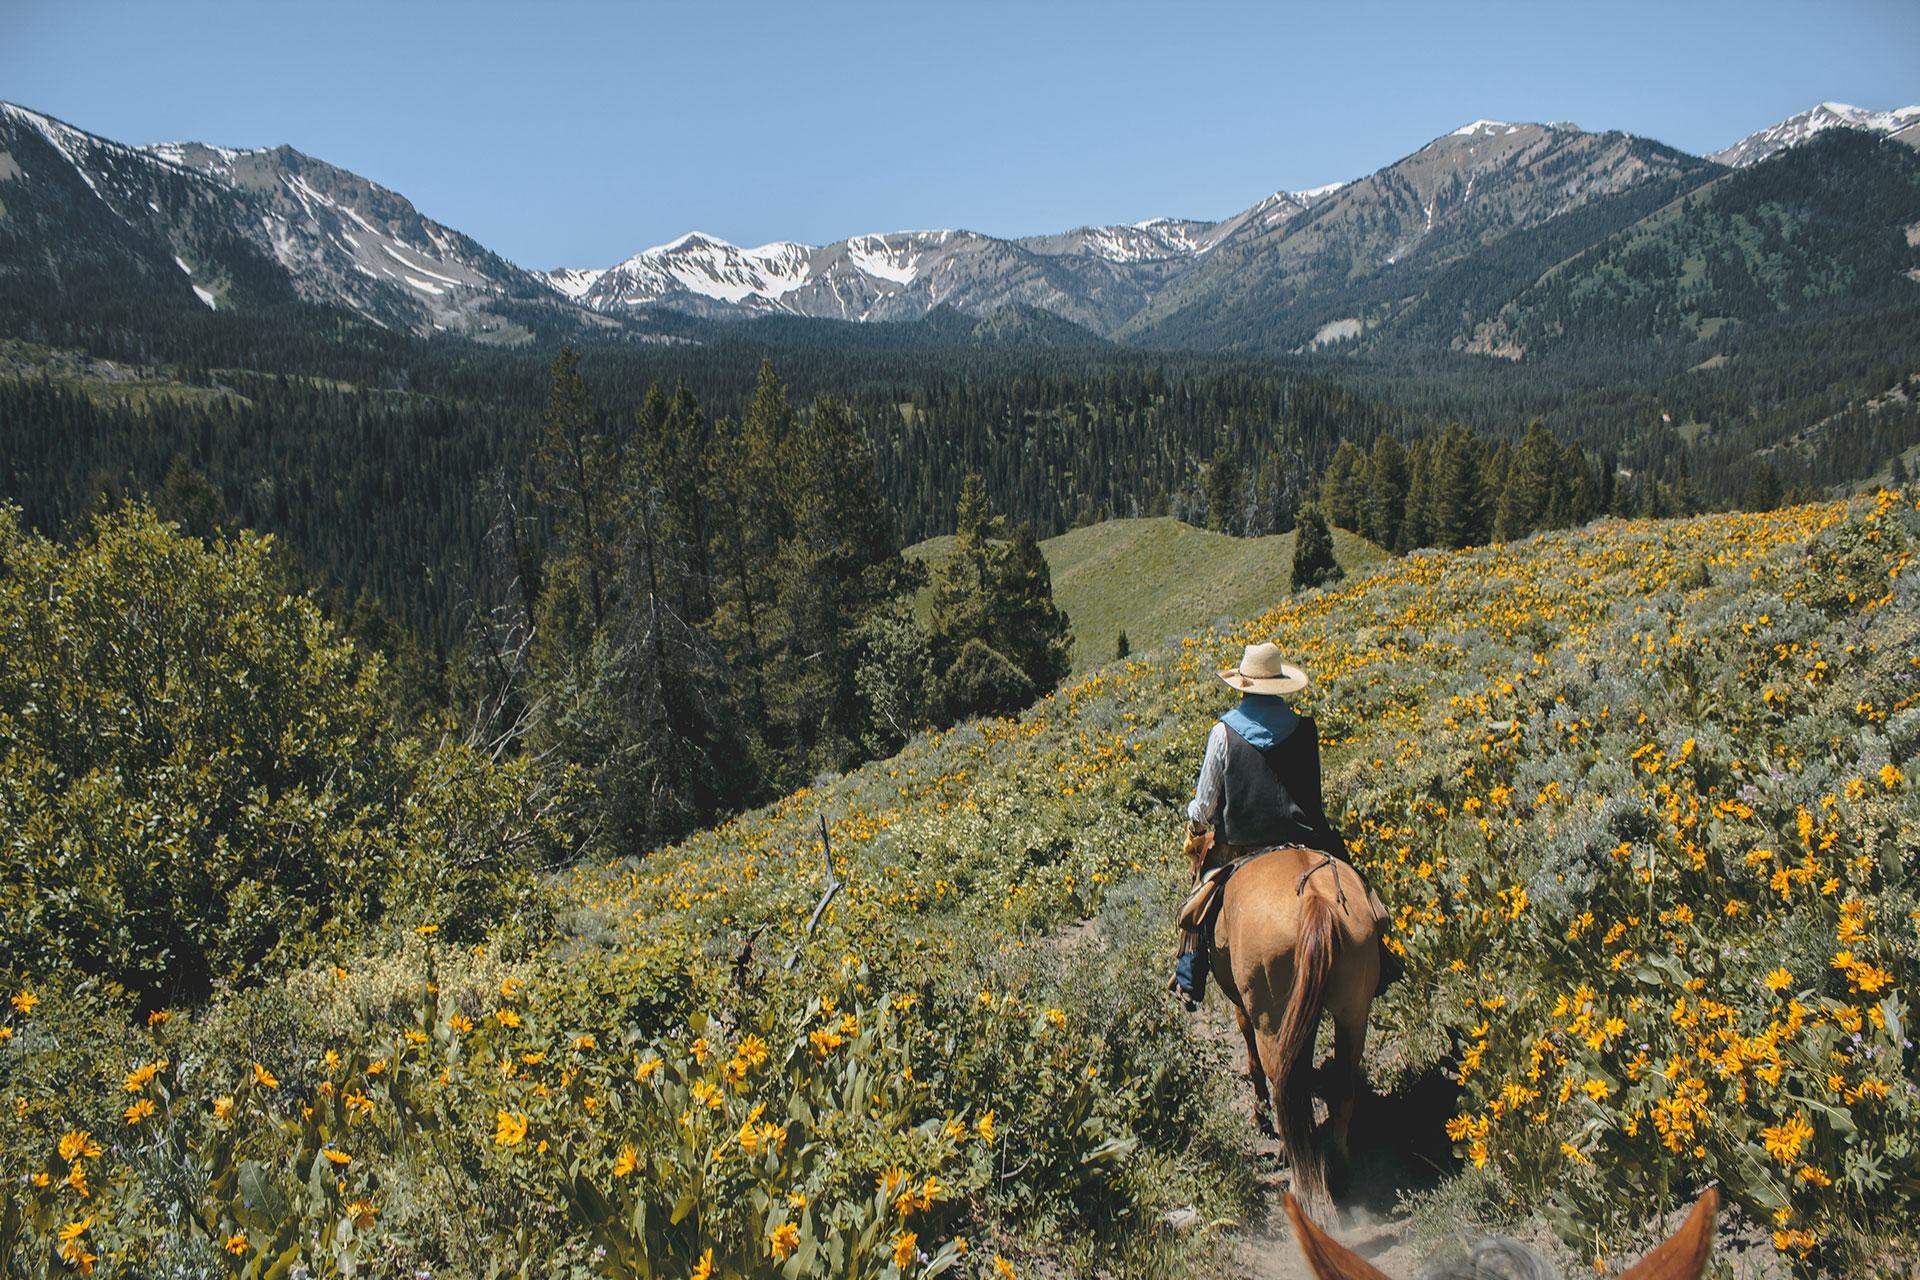 Horseback Riding in Grand Teton National Park; Courtesy of William Shafer/Shutterstock.com